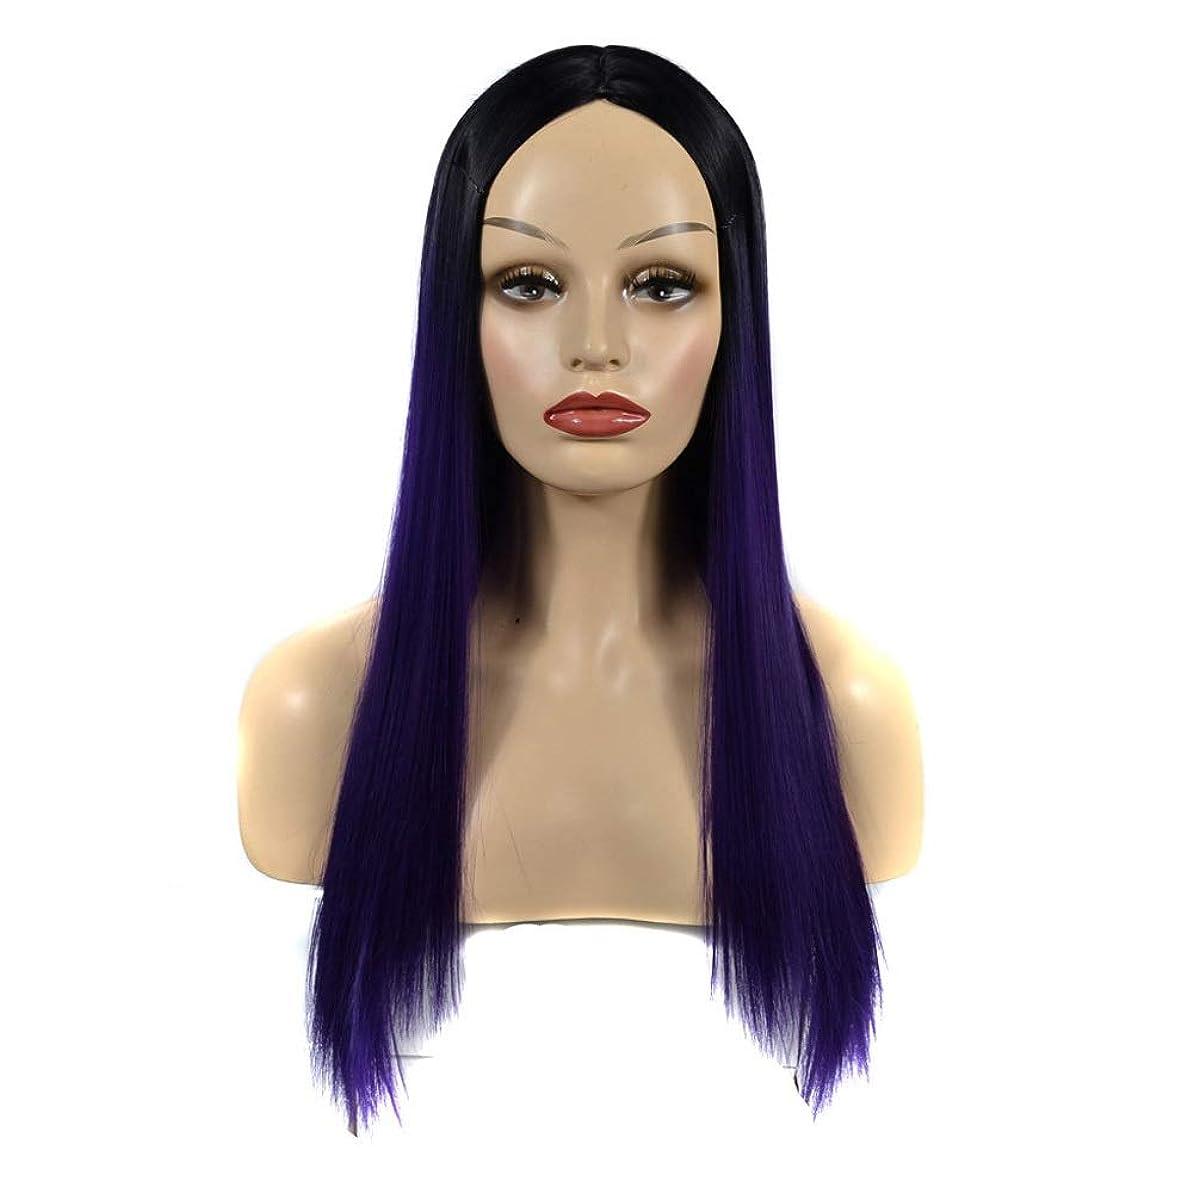 科学的怒ってテロリストVergeania 女性の長いストレートヘアブラックグラデーショングレープパープルミドルパートウィッグデイリードレスパーティーウィッグ (色 : Dark Purple, サイズ : 60cm)